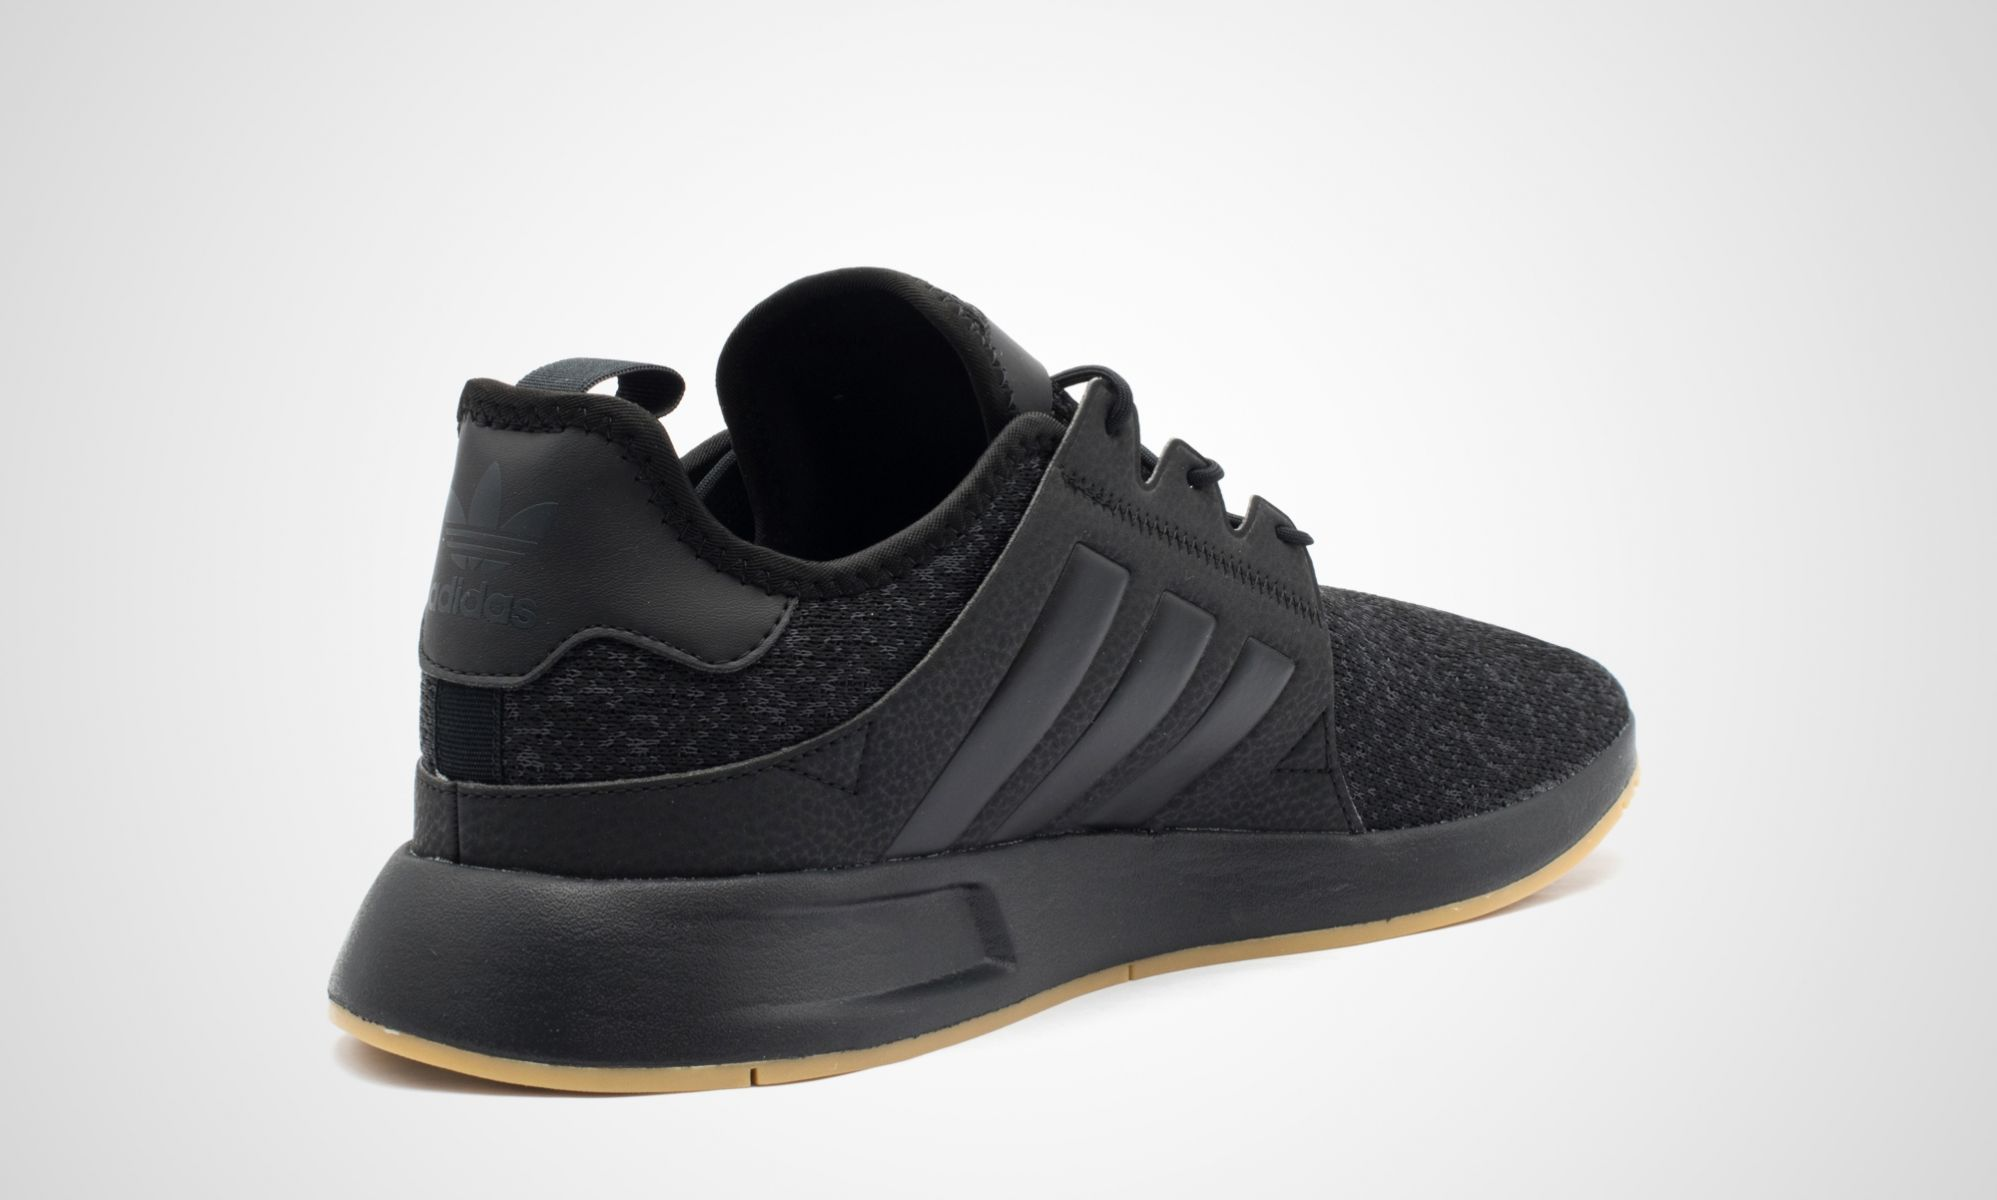 quality design d6076 fde64 Adidas Originals Trefoil Scarpe Sneakers Trainers Sportive Nero X PLR Uomo  201 12 12 di 12 Vedi Altro